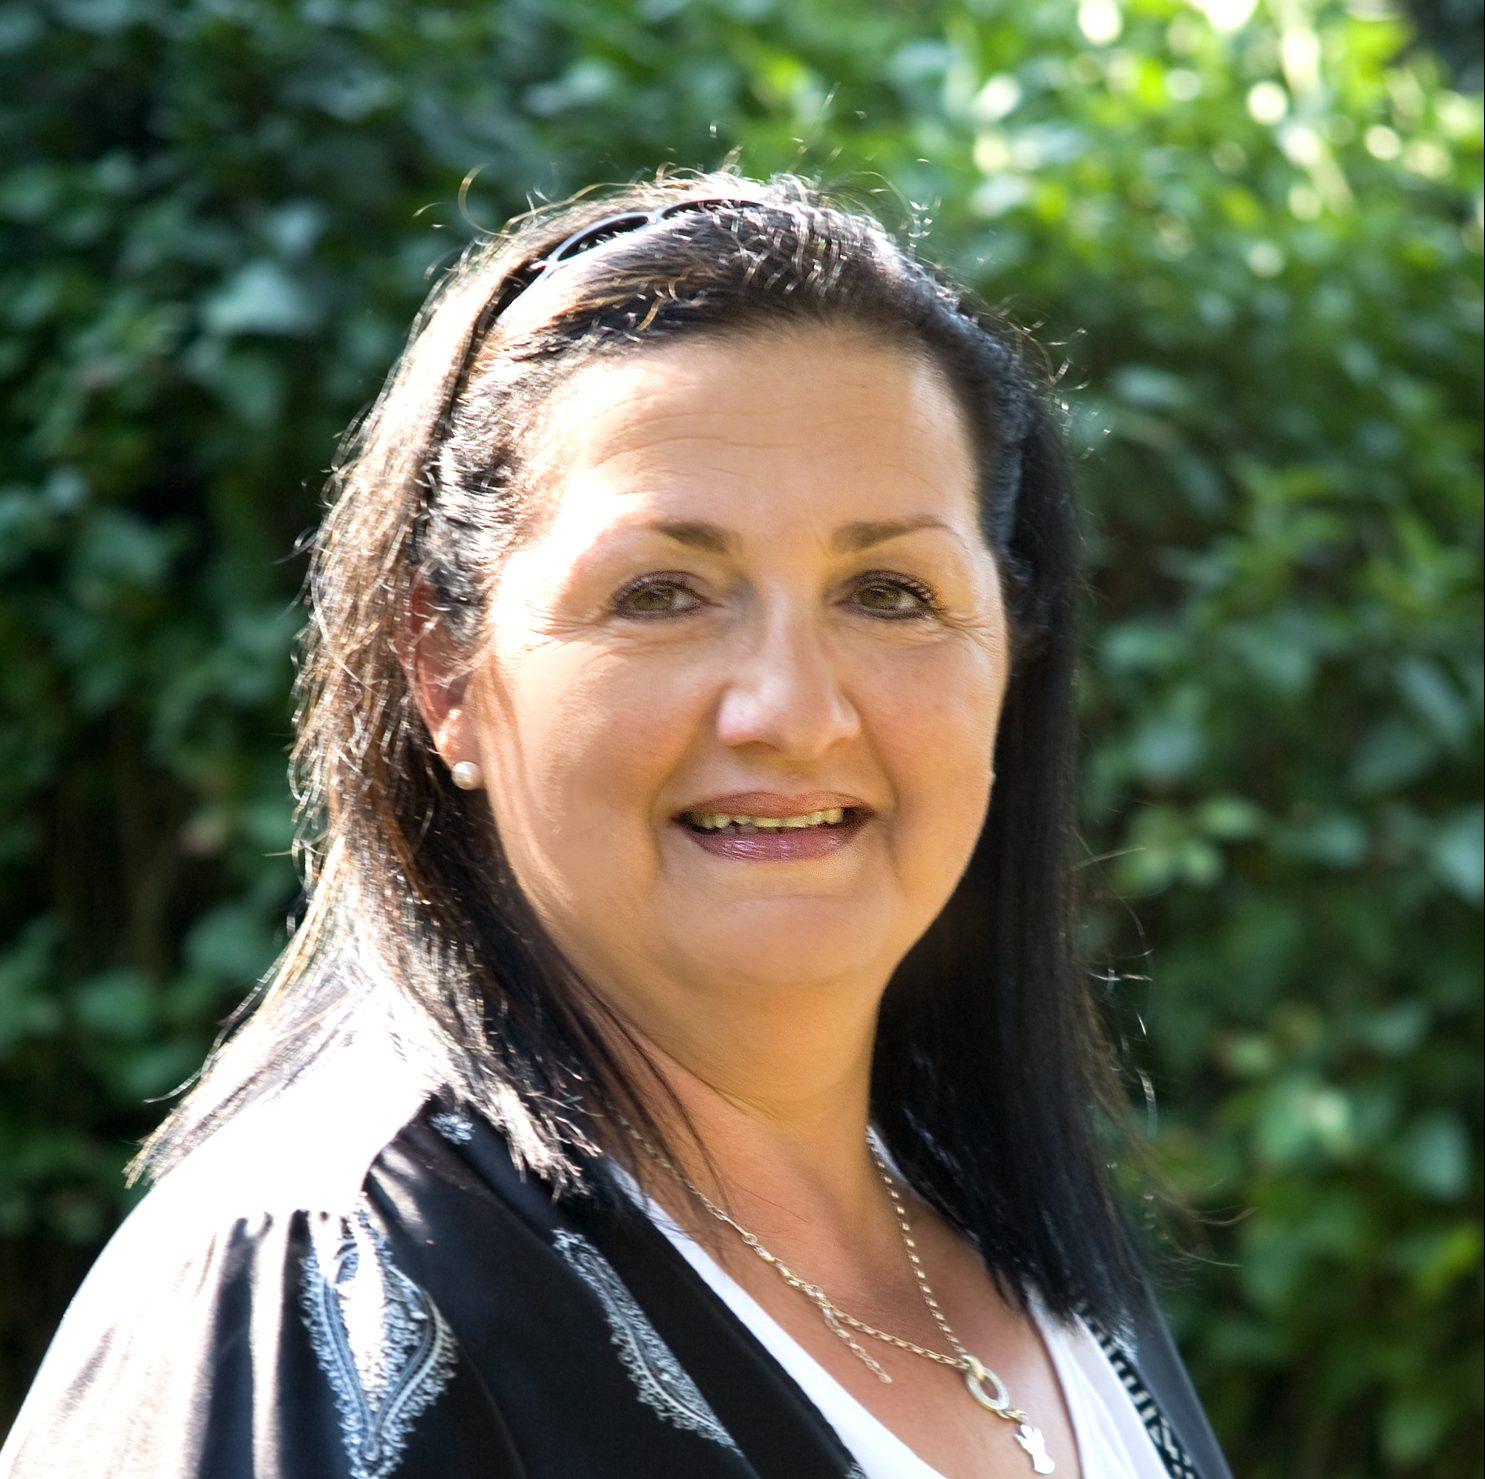 Inge Schmid